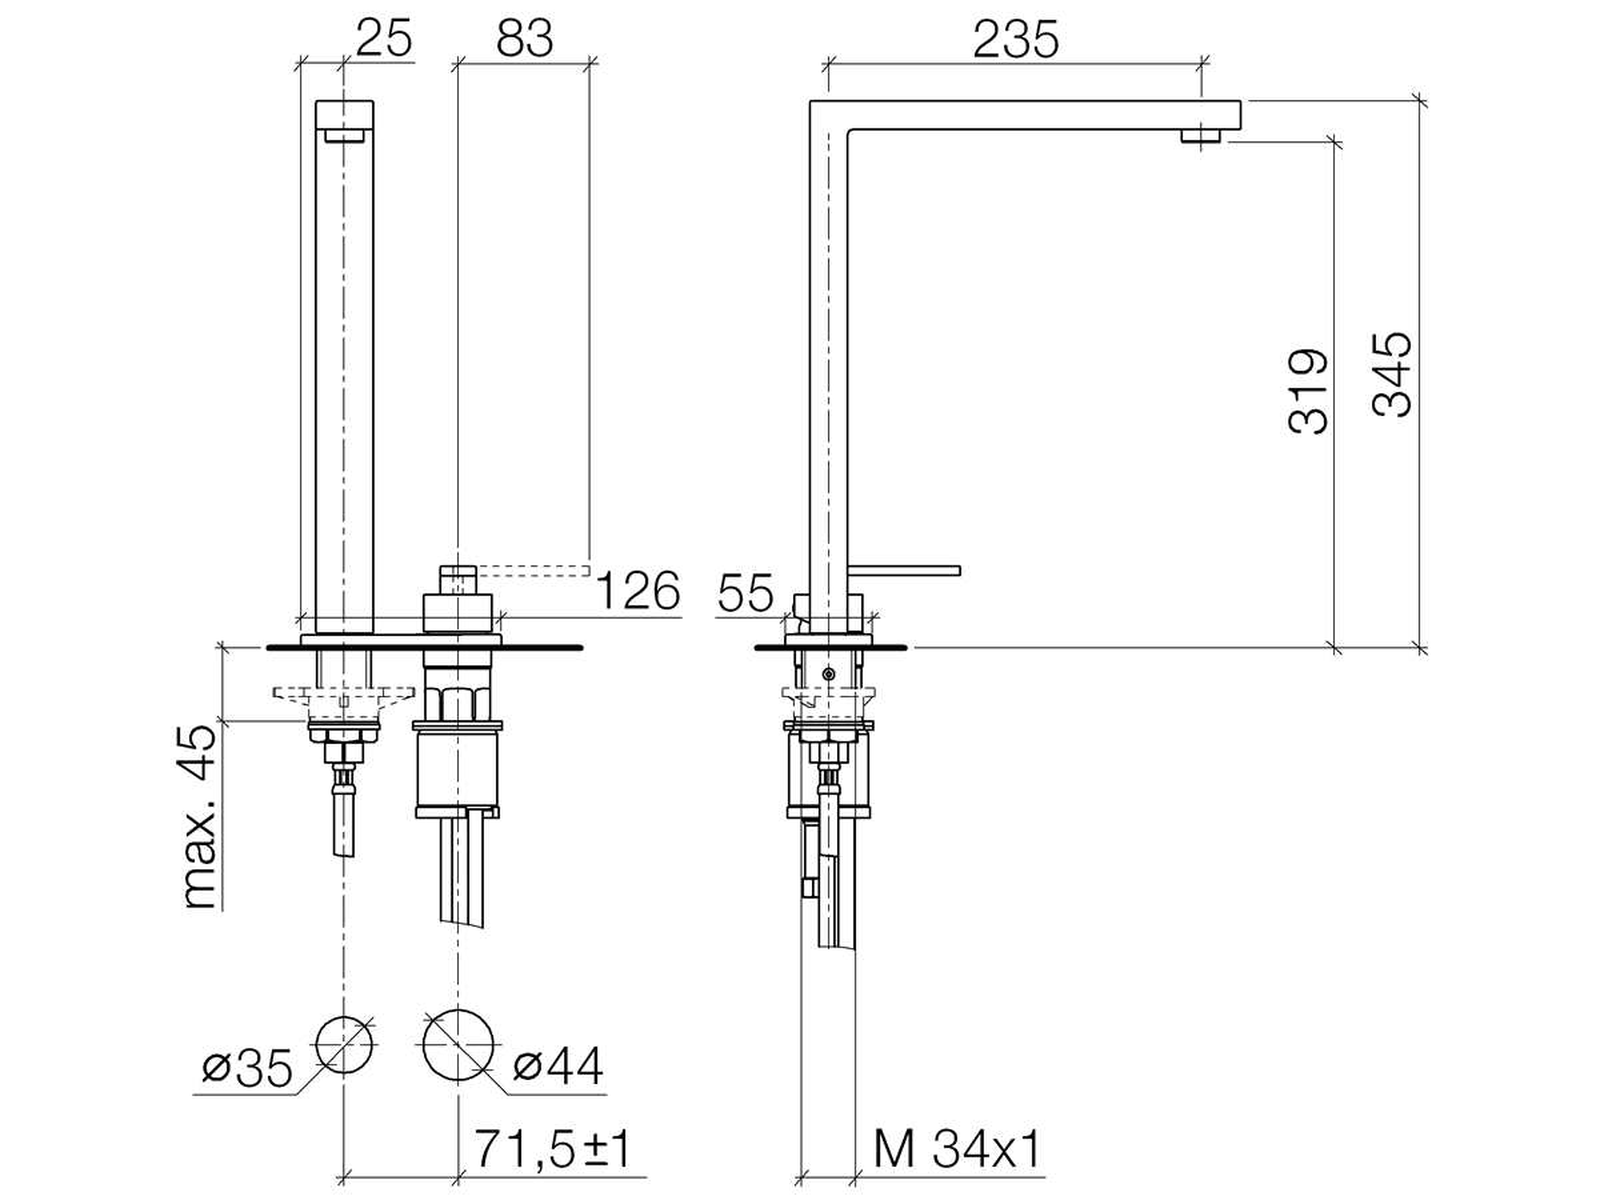 Dornbracht Lot Zweilochbatterie Chrom 32 843 680-00 Hochdruckarmatur